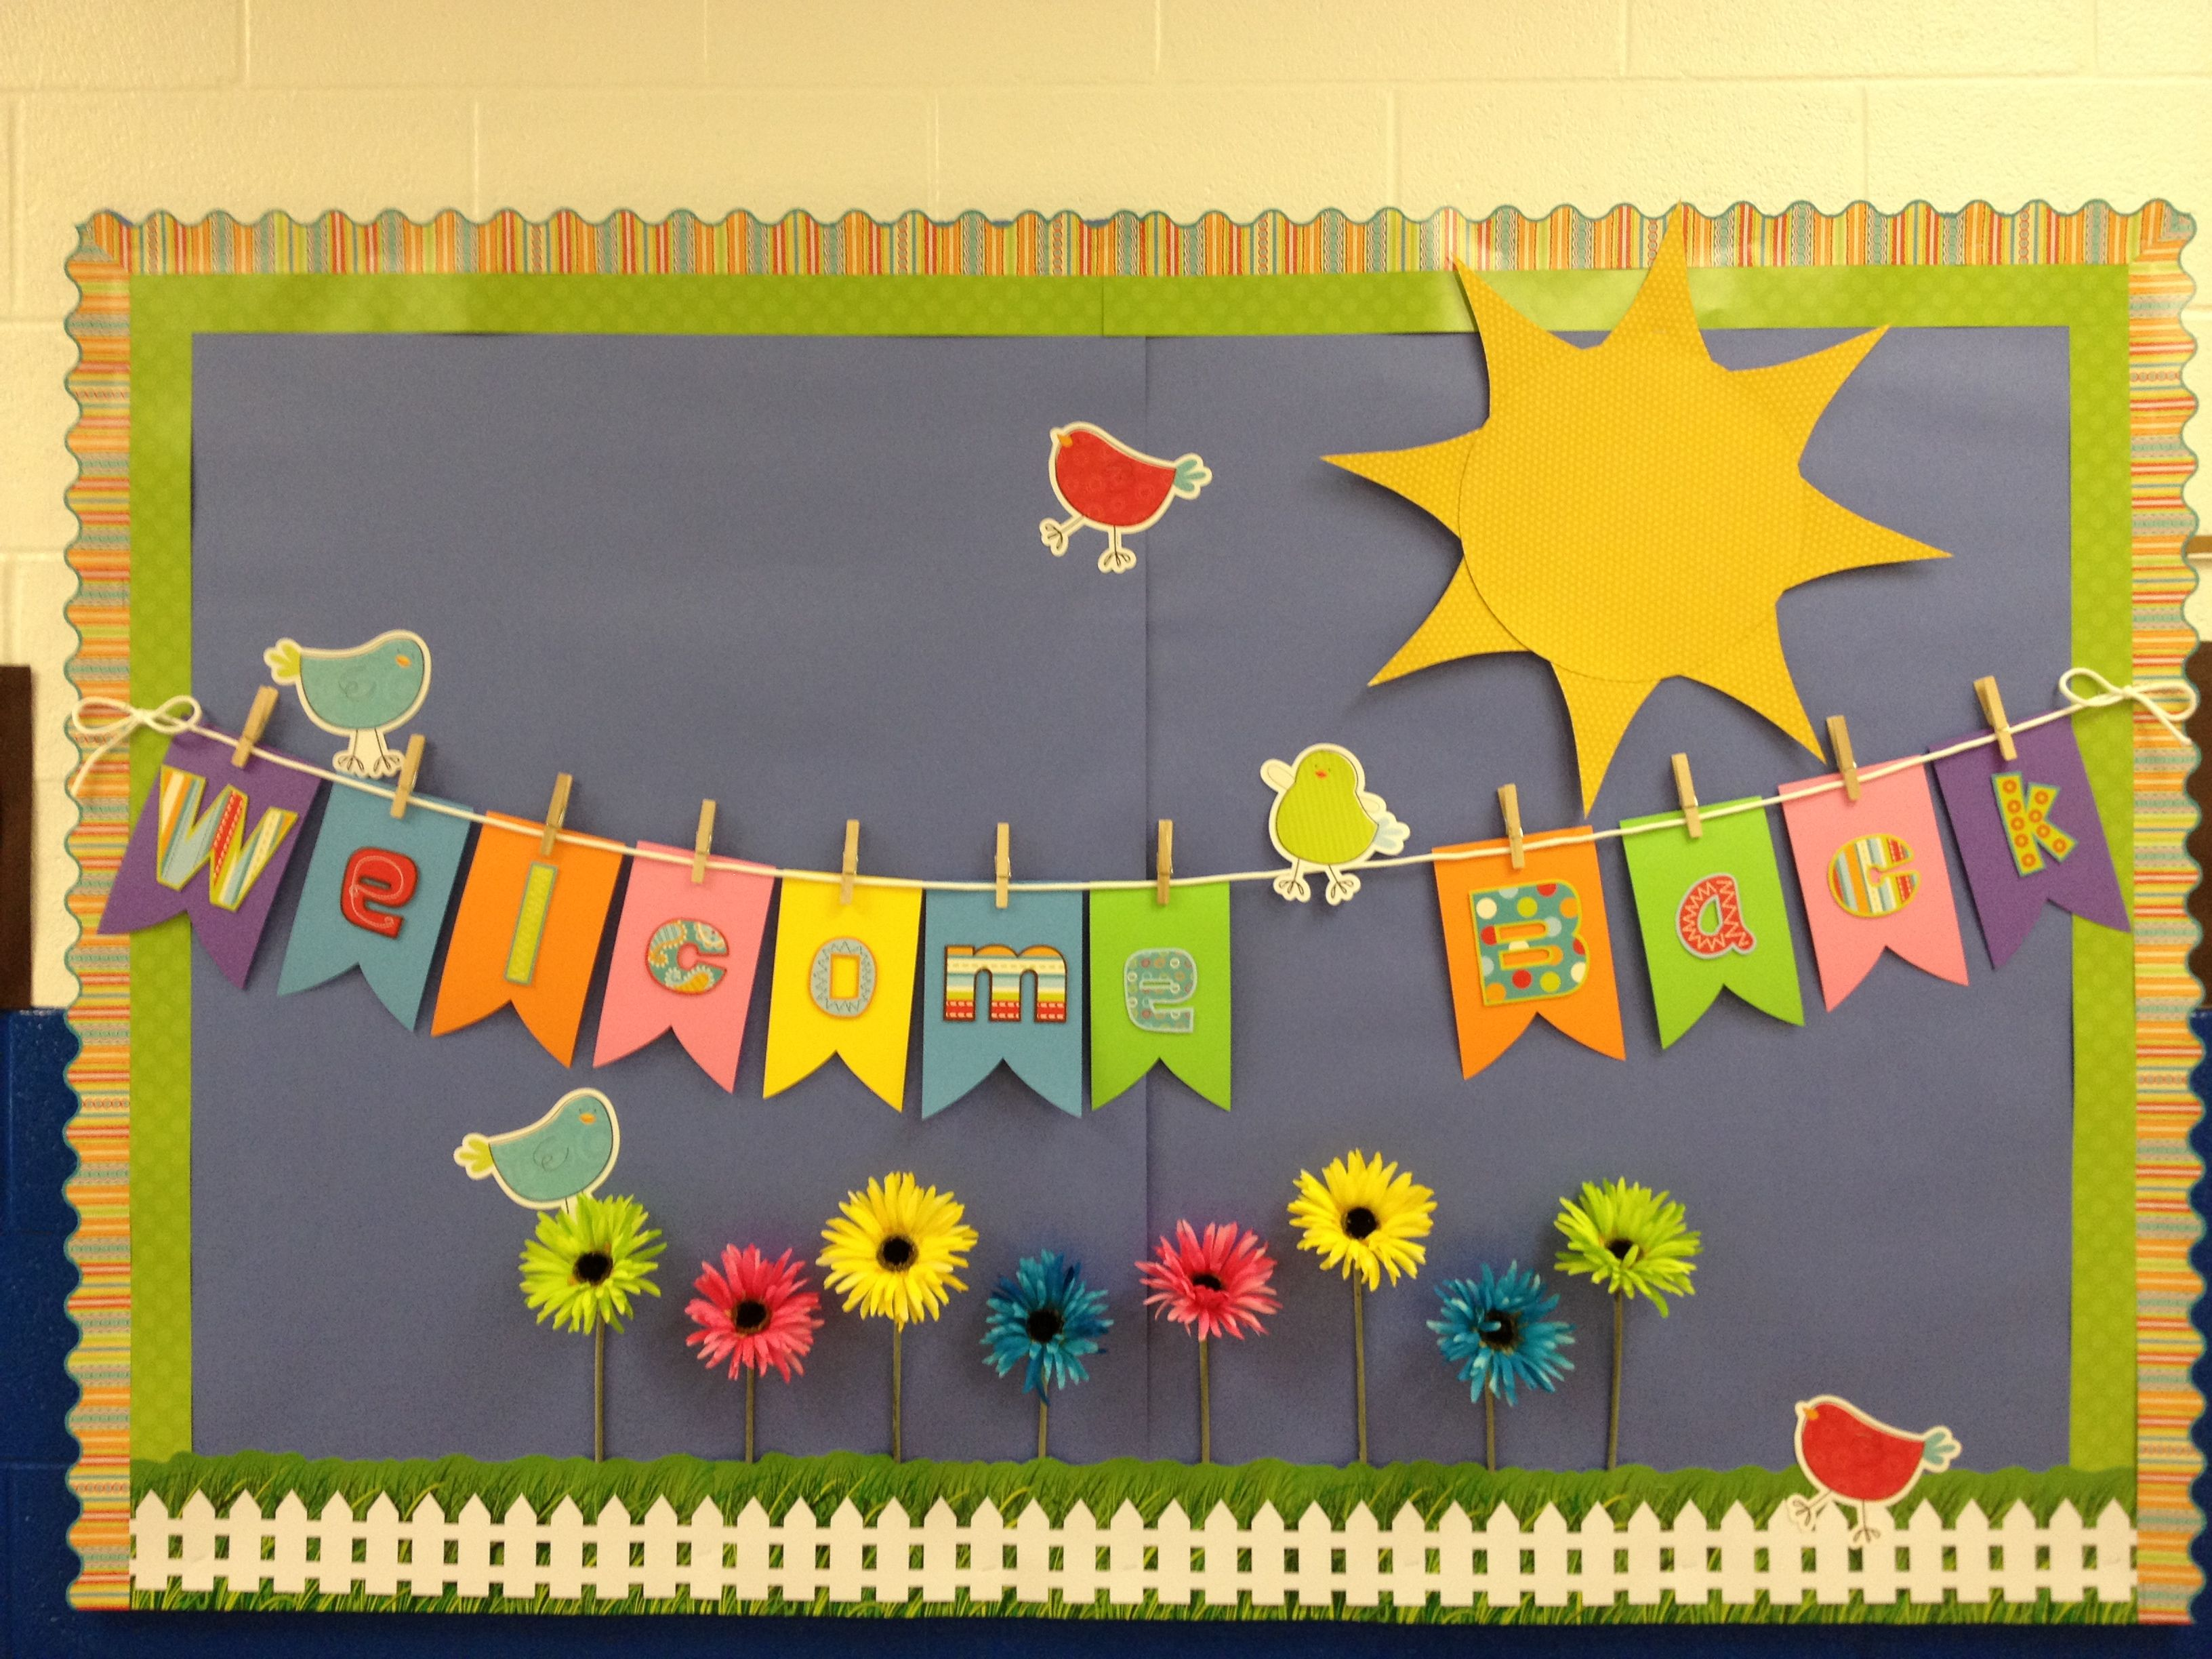 Preschool Spring Display Board Ideas Novocom Top